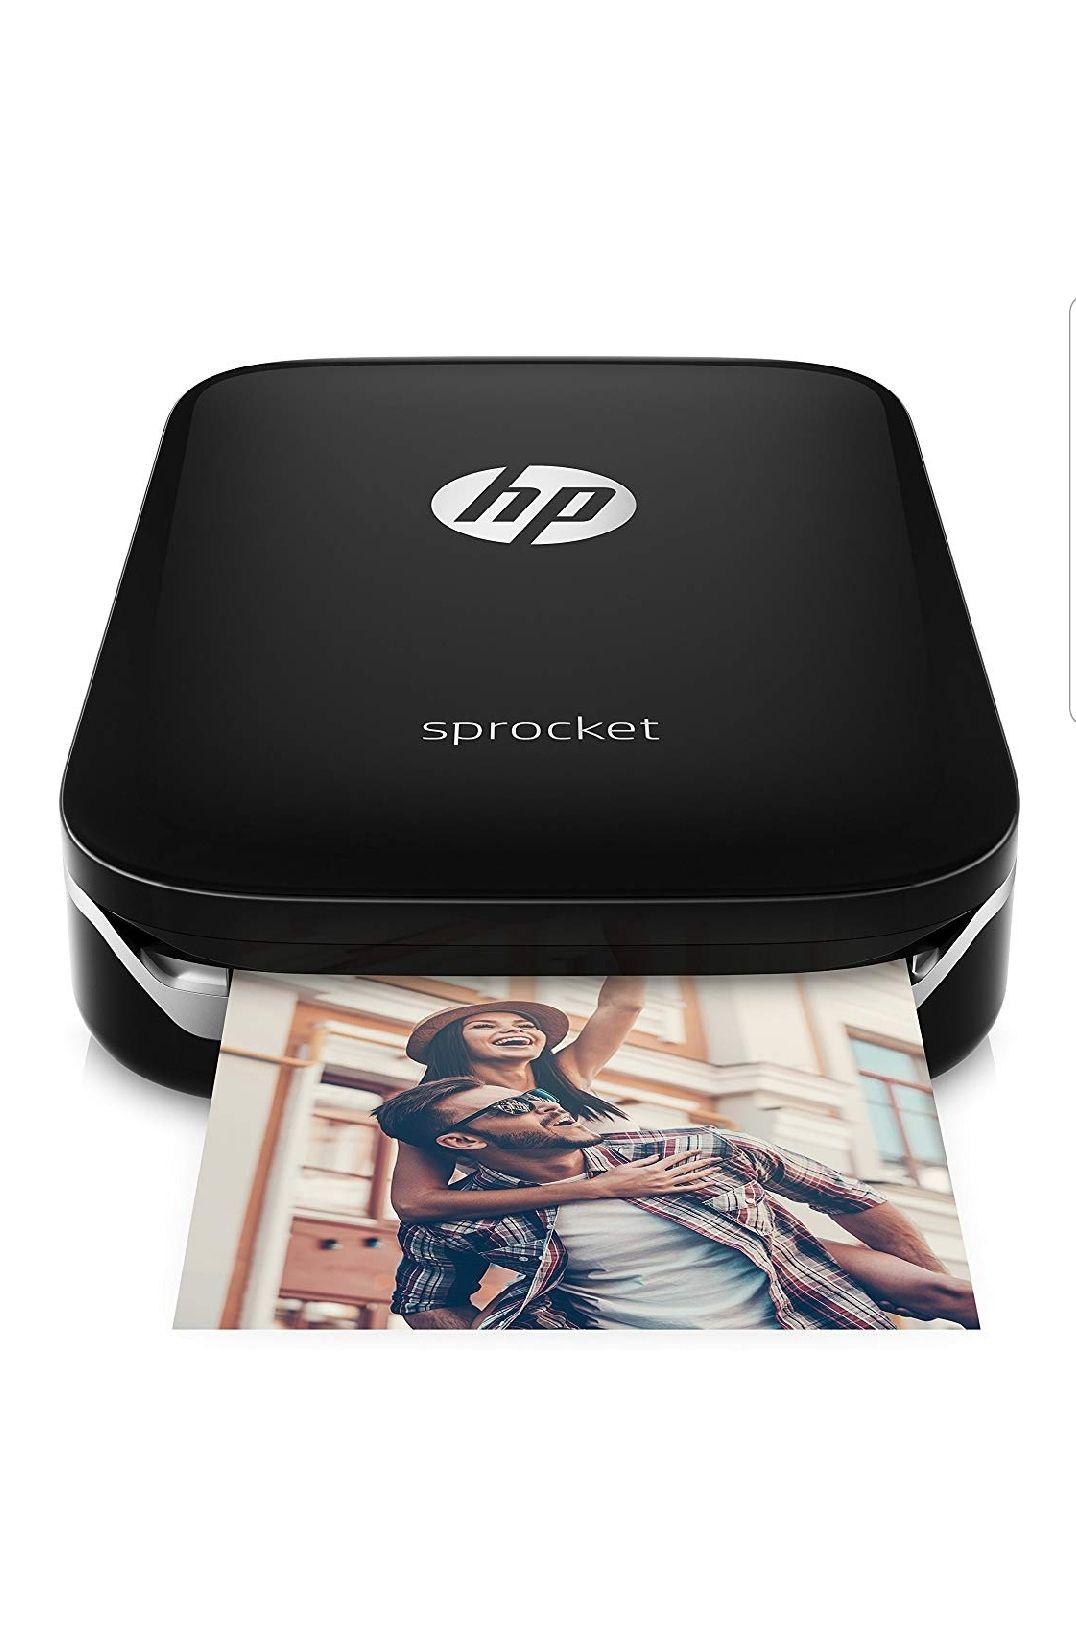 HP Sprocket z3z92 a – Fotoprinter Instant Notebook, zwart (foto 5 x 7,6 cm) [Dagdeal]